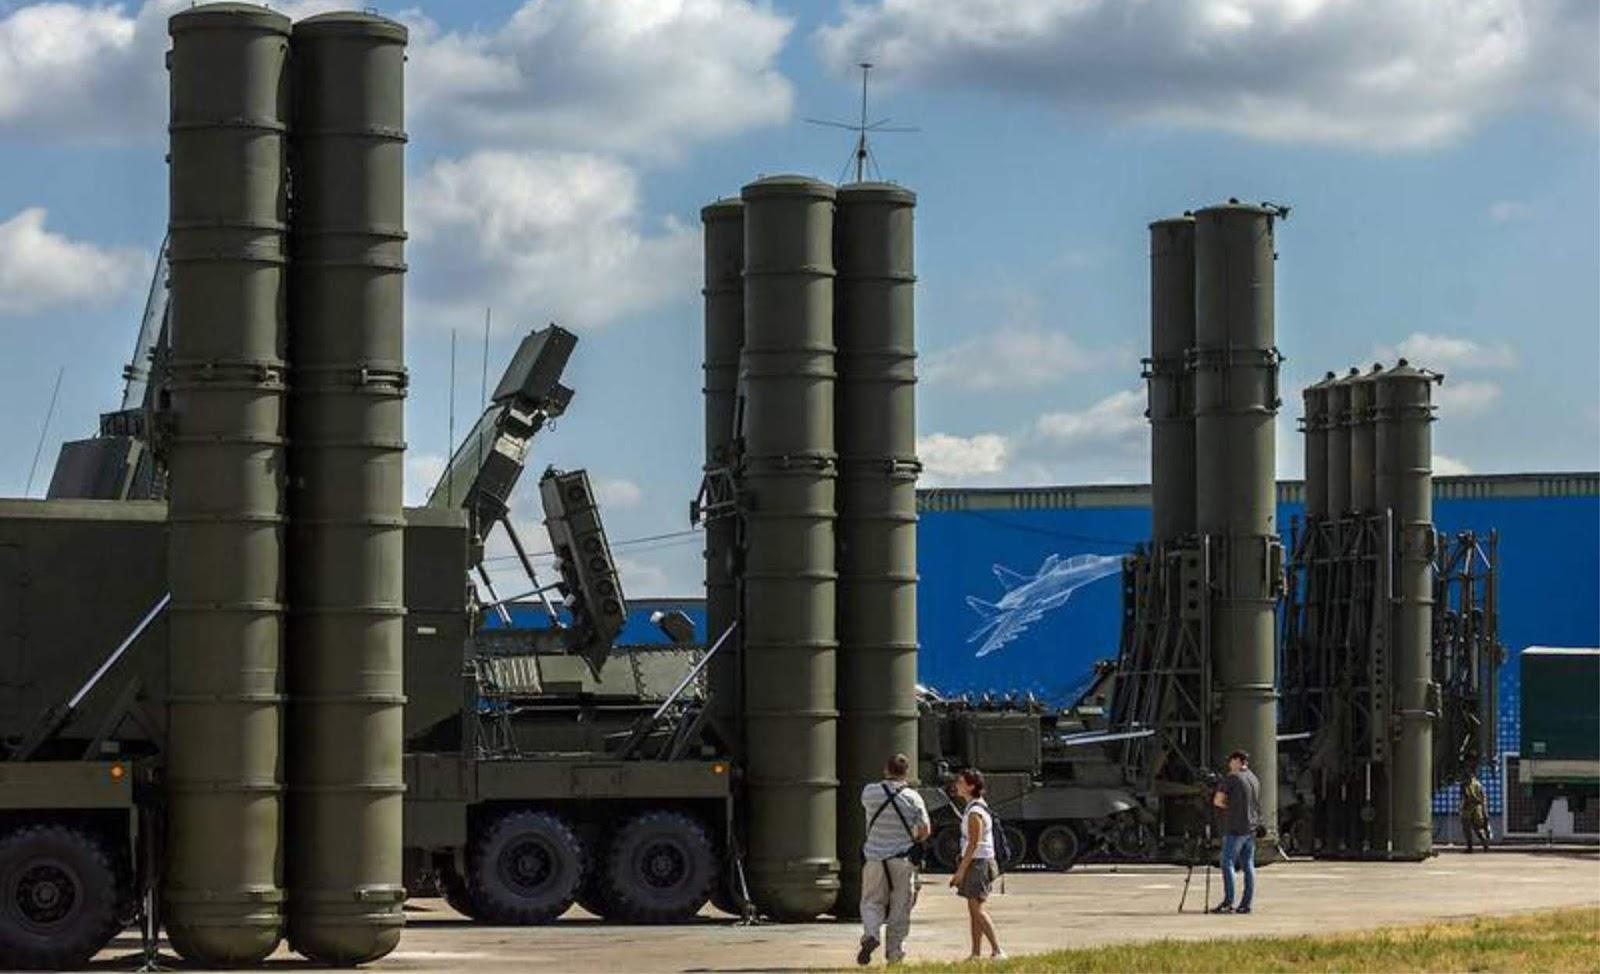 Media Jerman: pesawat tempur terbaru Bundeswehr tak berdaya di hadapan S-400